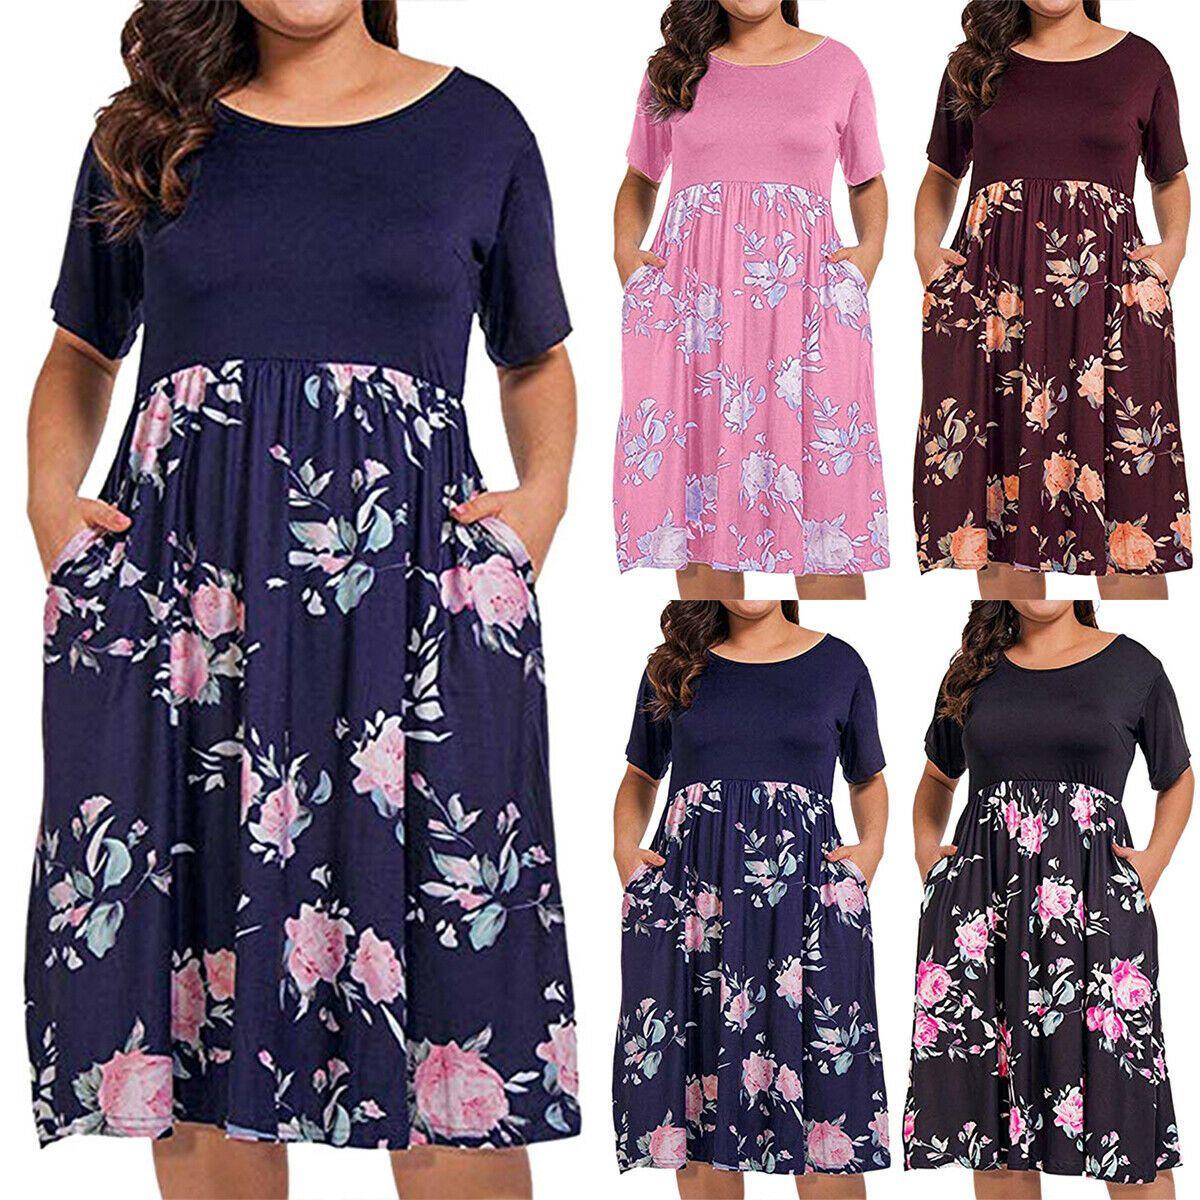 Damen Kurzarm Blumen Kleid Sommerkleid Tunikakleid Patchwork